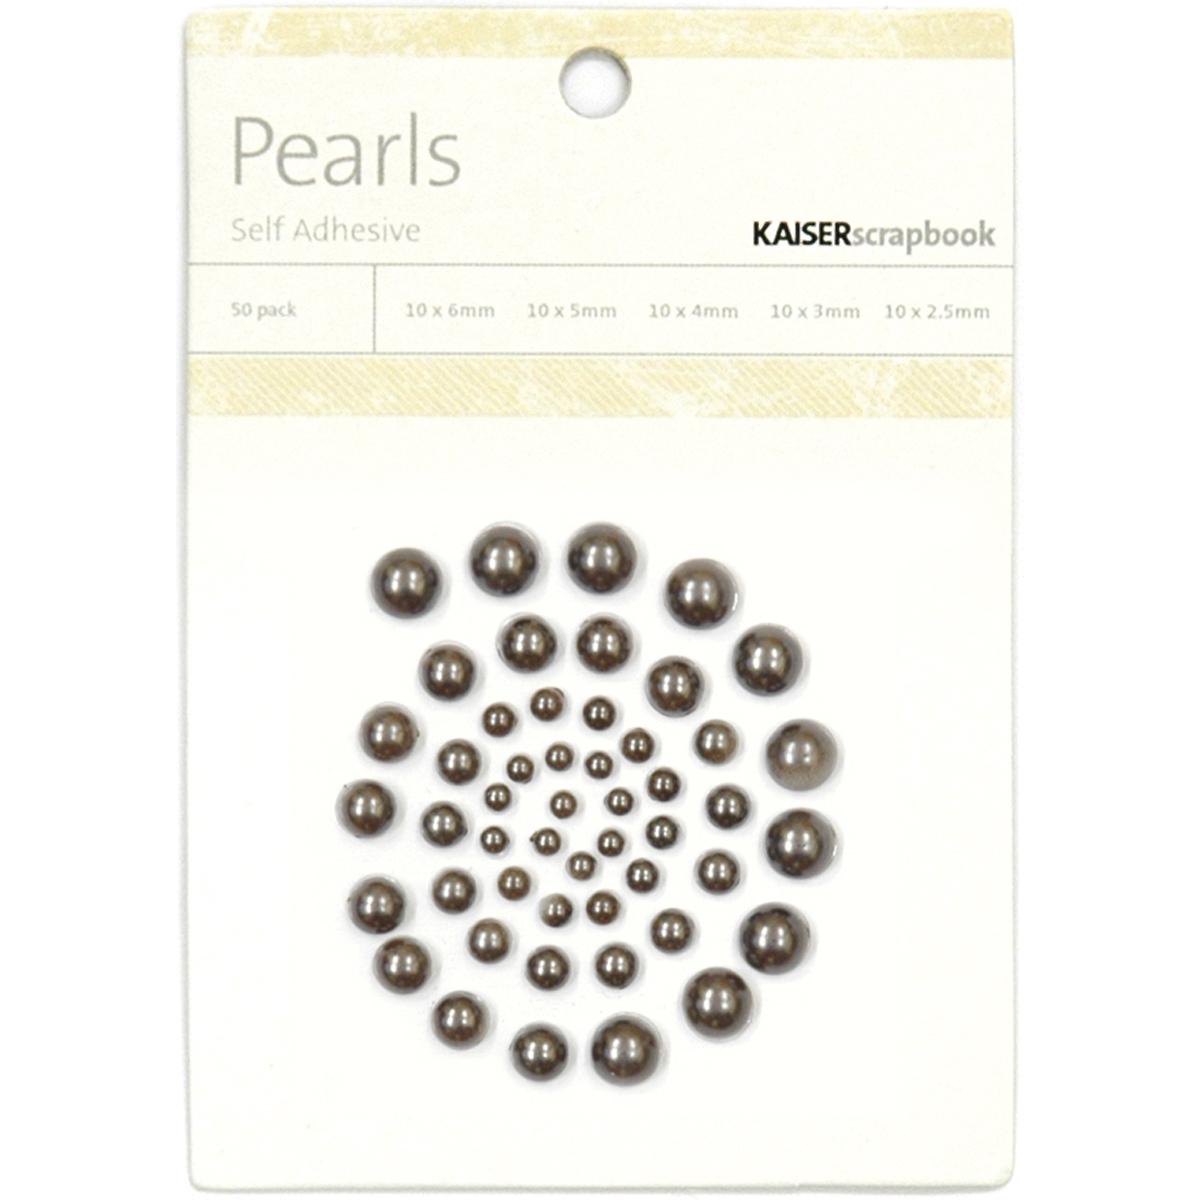 Self-Adhesive Pearls Pewter